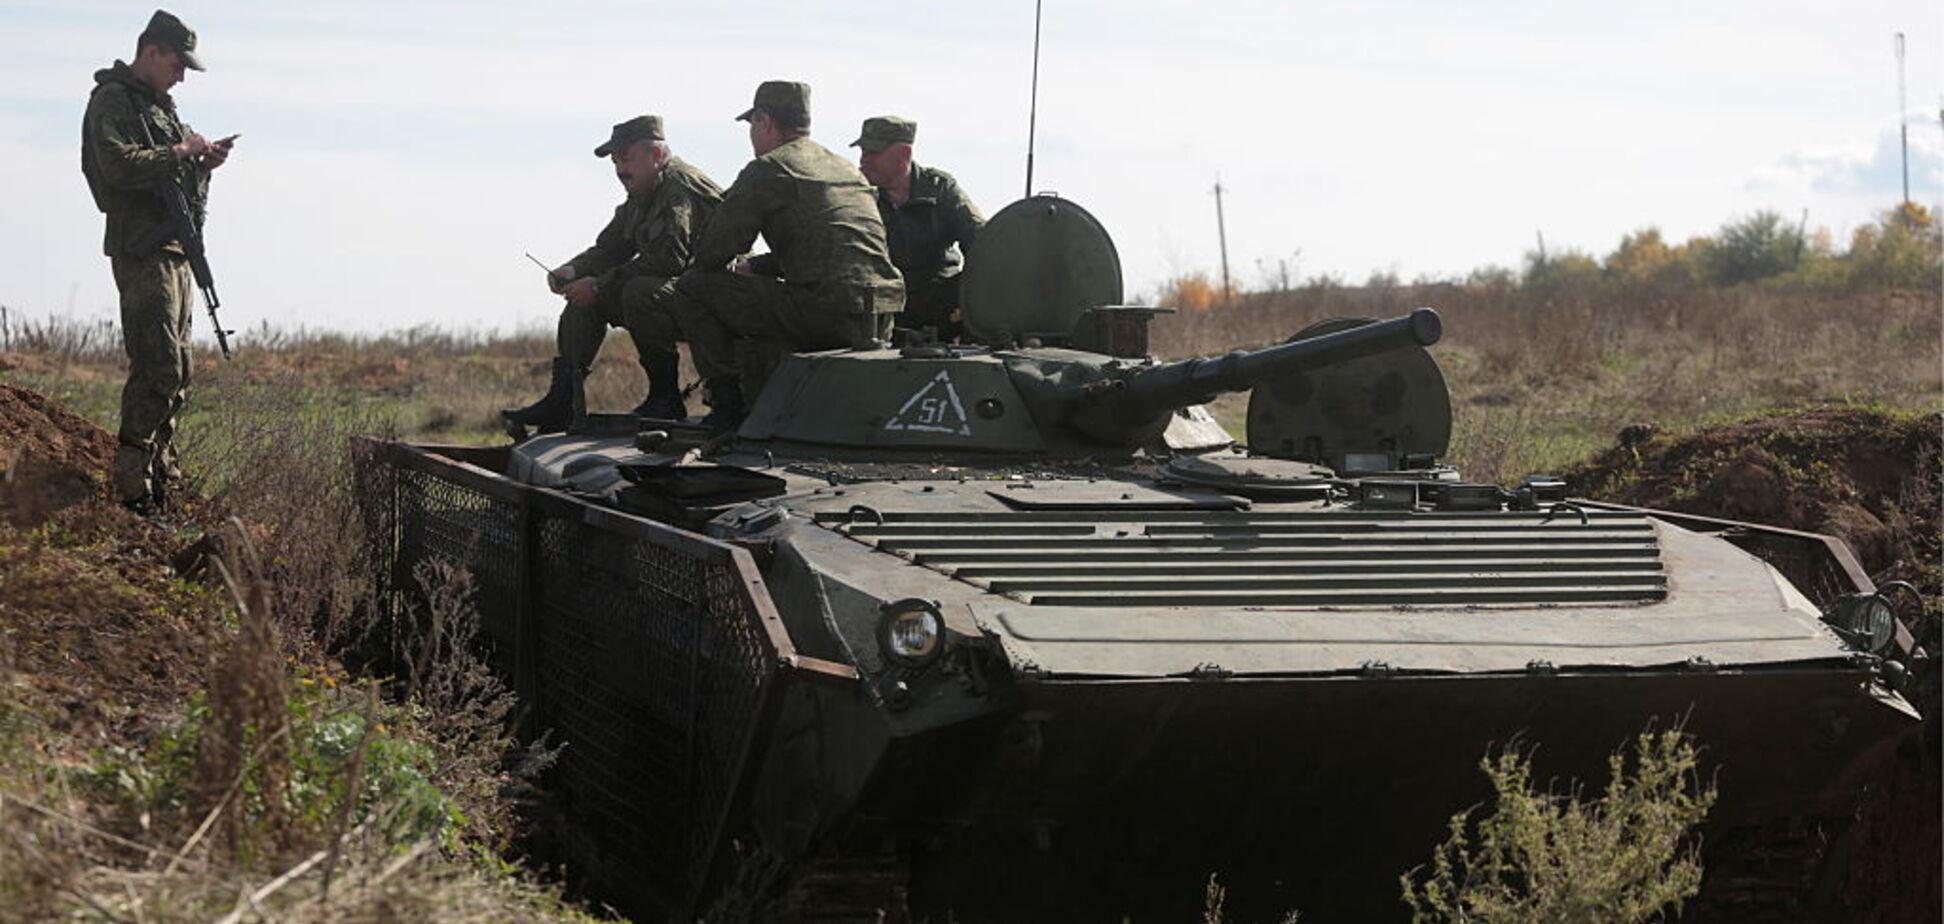 Російська зброя на Донбасі: у мережі вказали на нахабну брехню росЗМІ